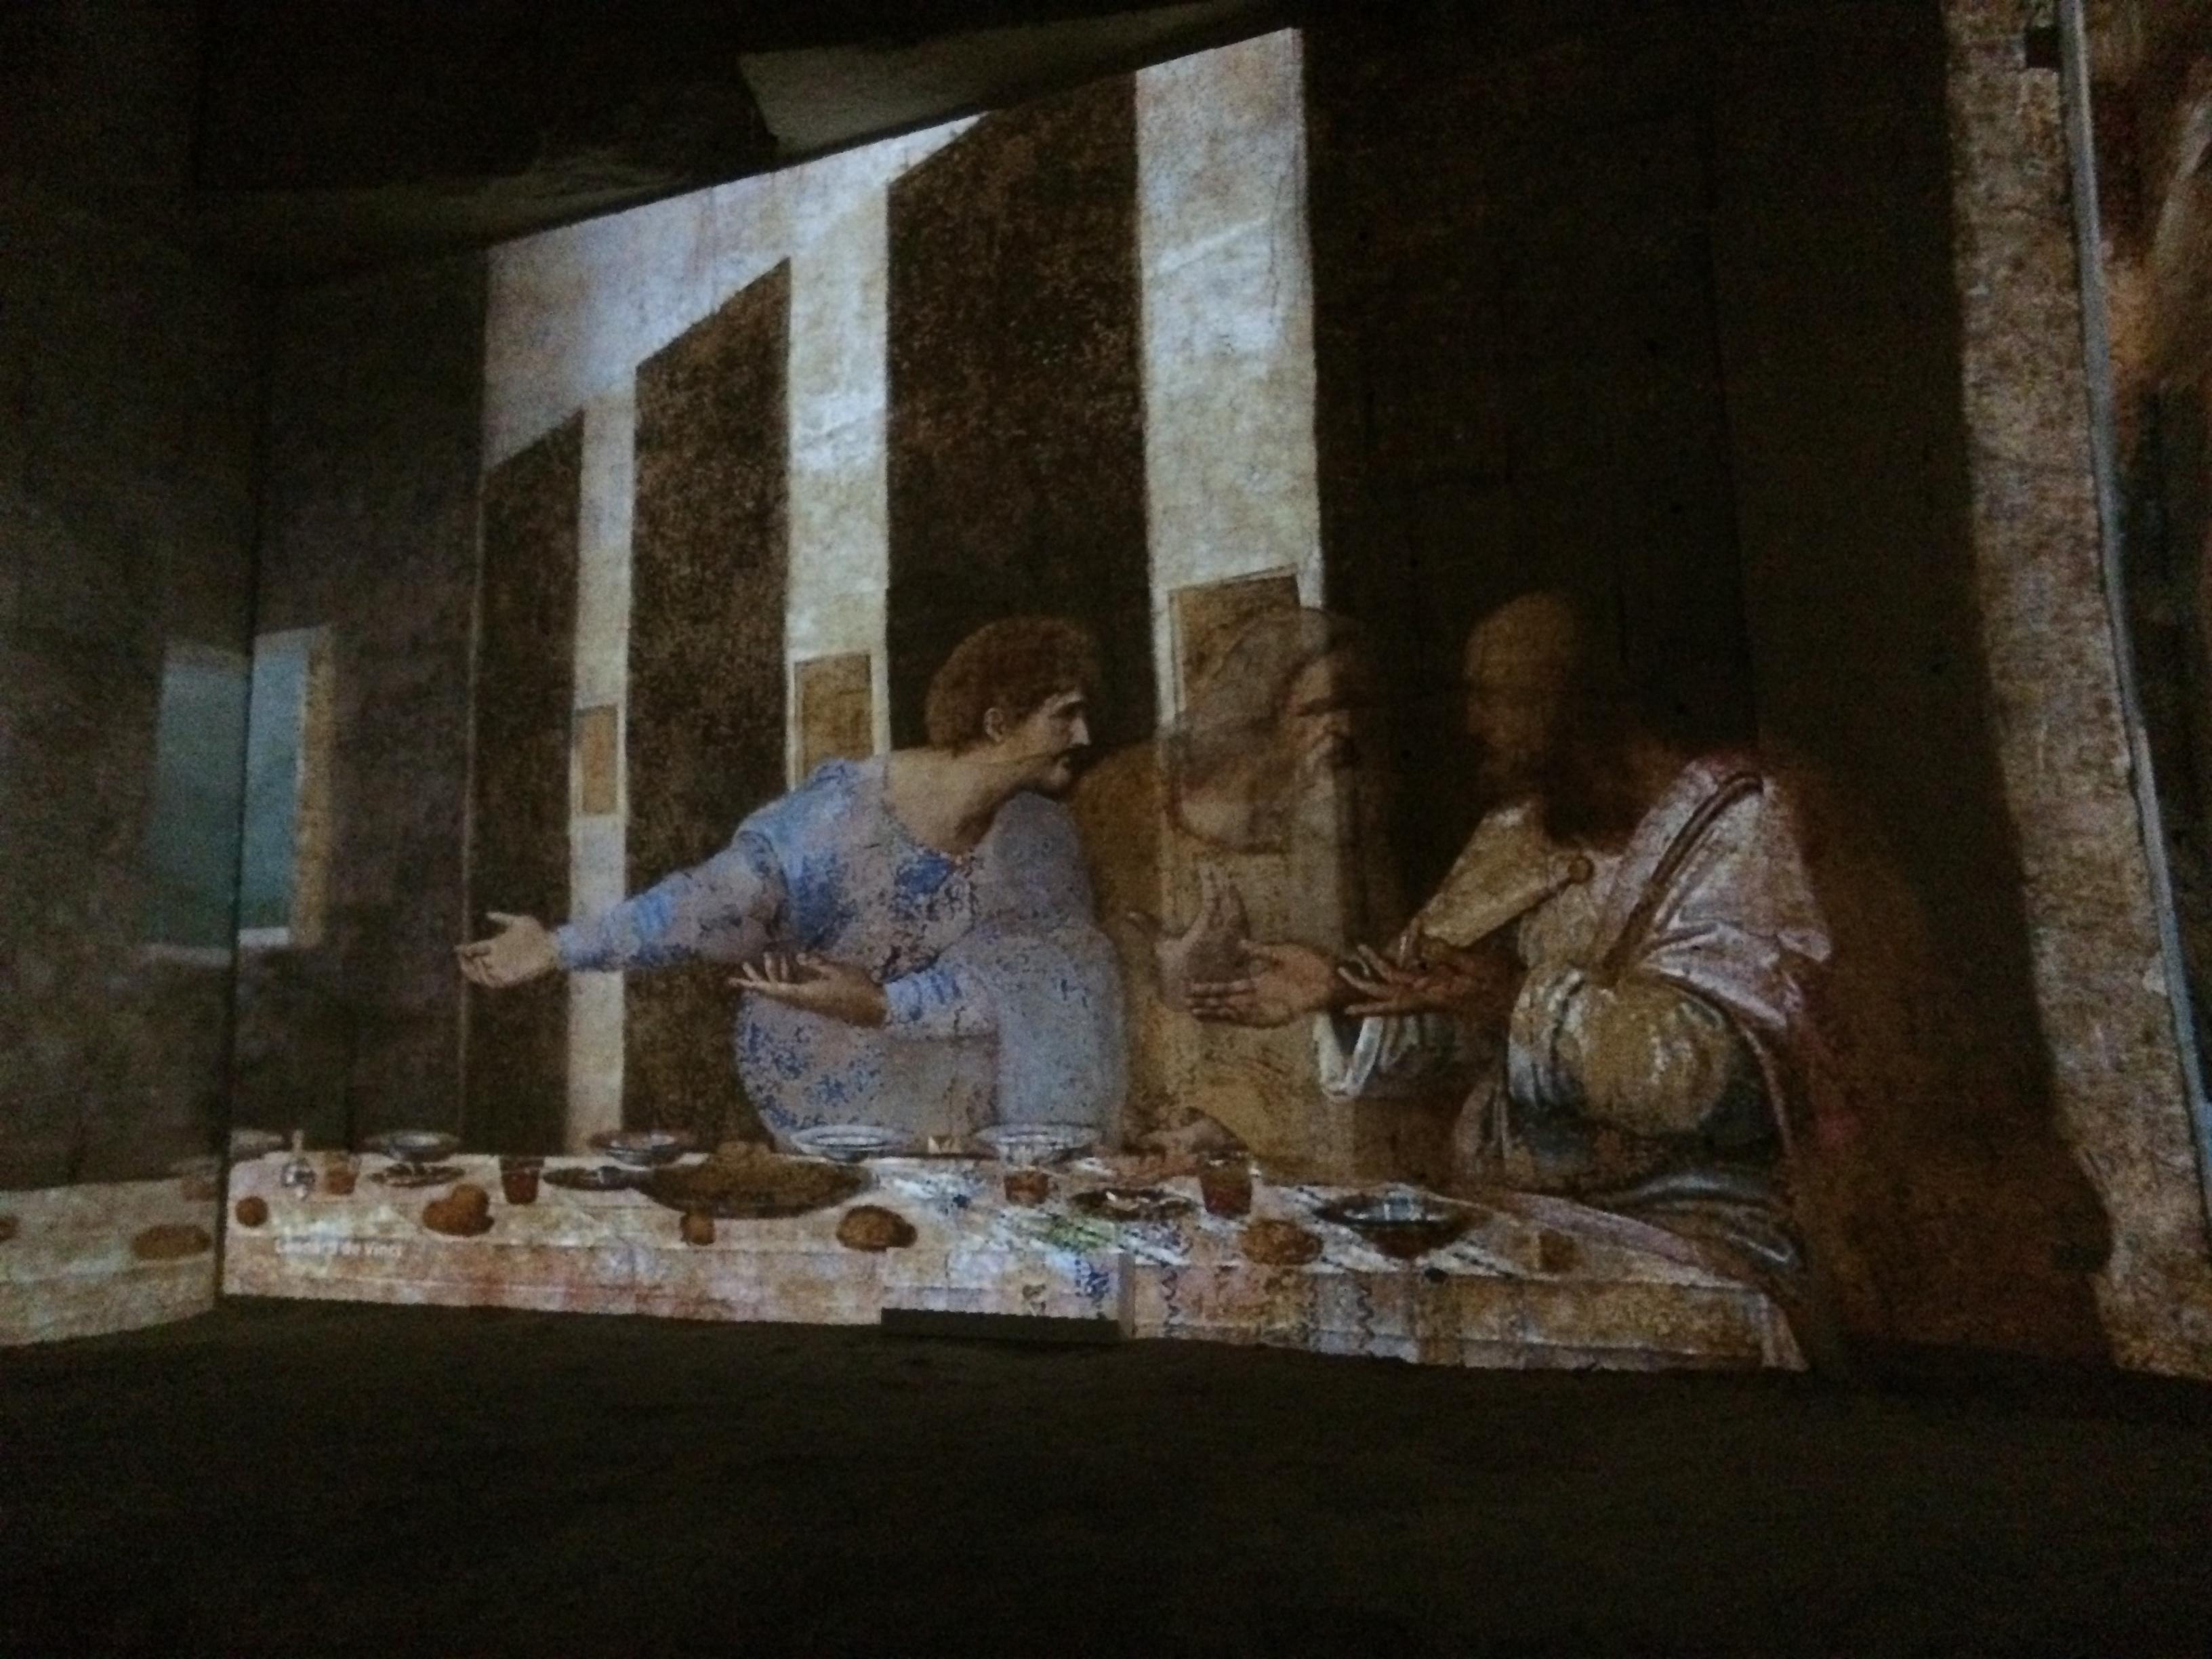 Le tableau de Léonard de Vinci représente Jésus entouré de ses douze apôtres, le jeudi saint, veille de la crucifixion.  Ici, il s'agit de Matthieu, à droite.